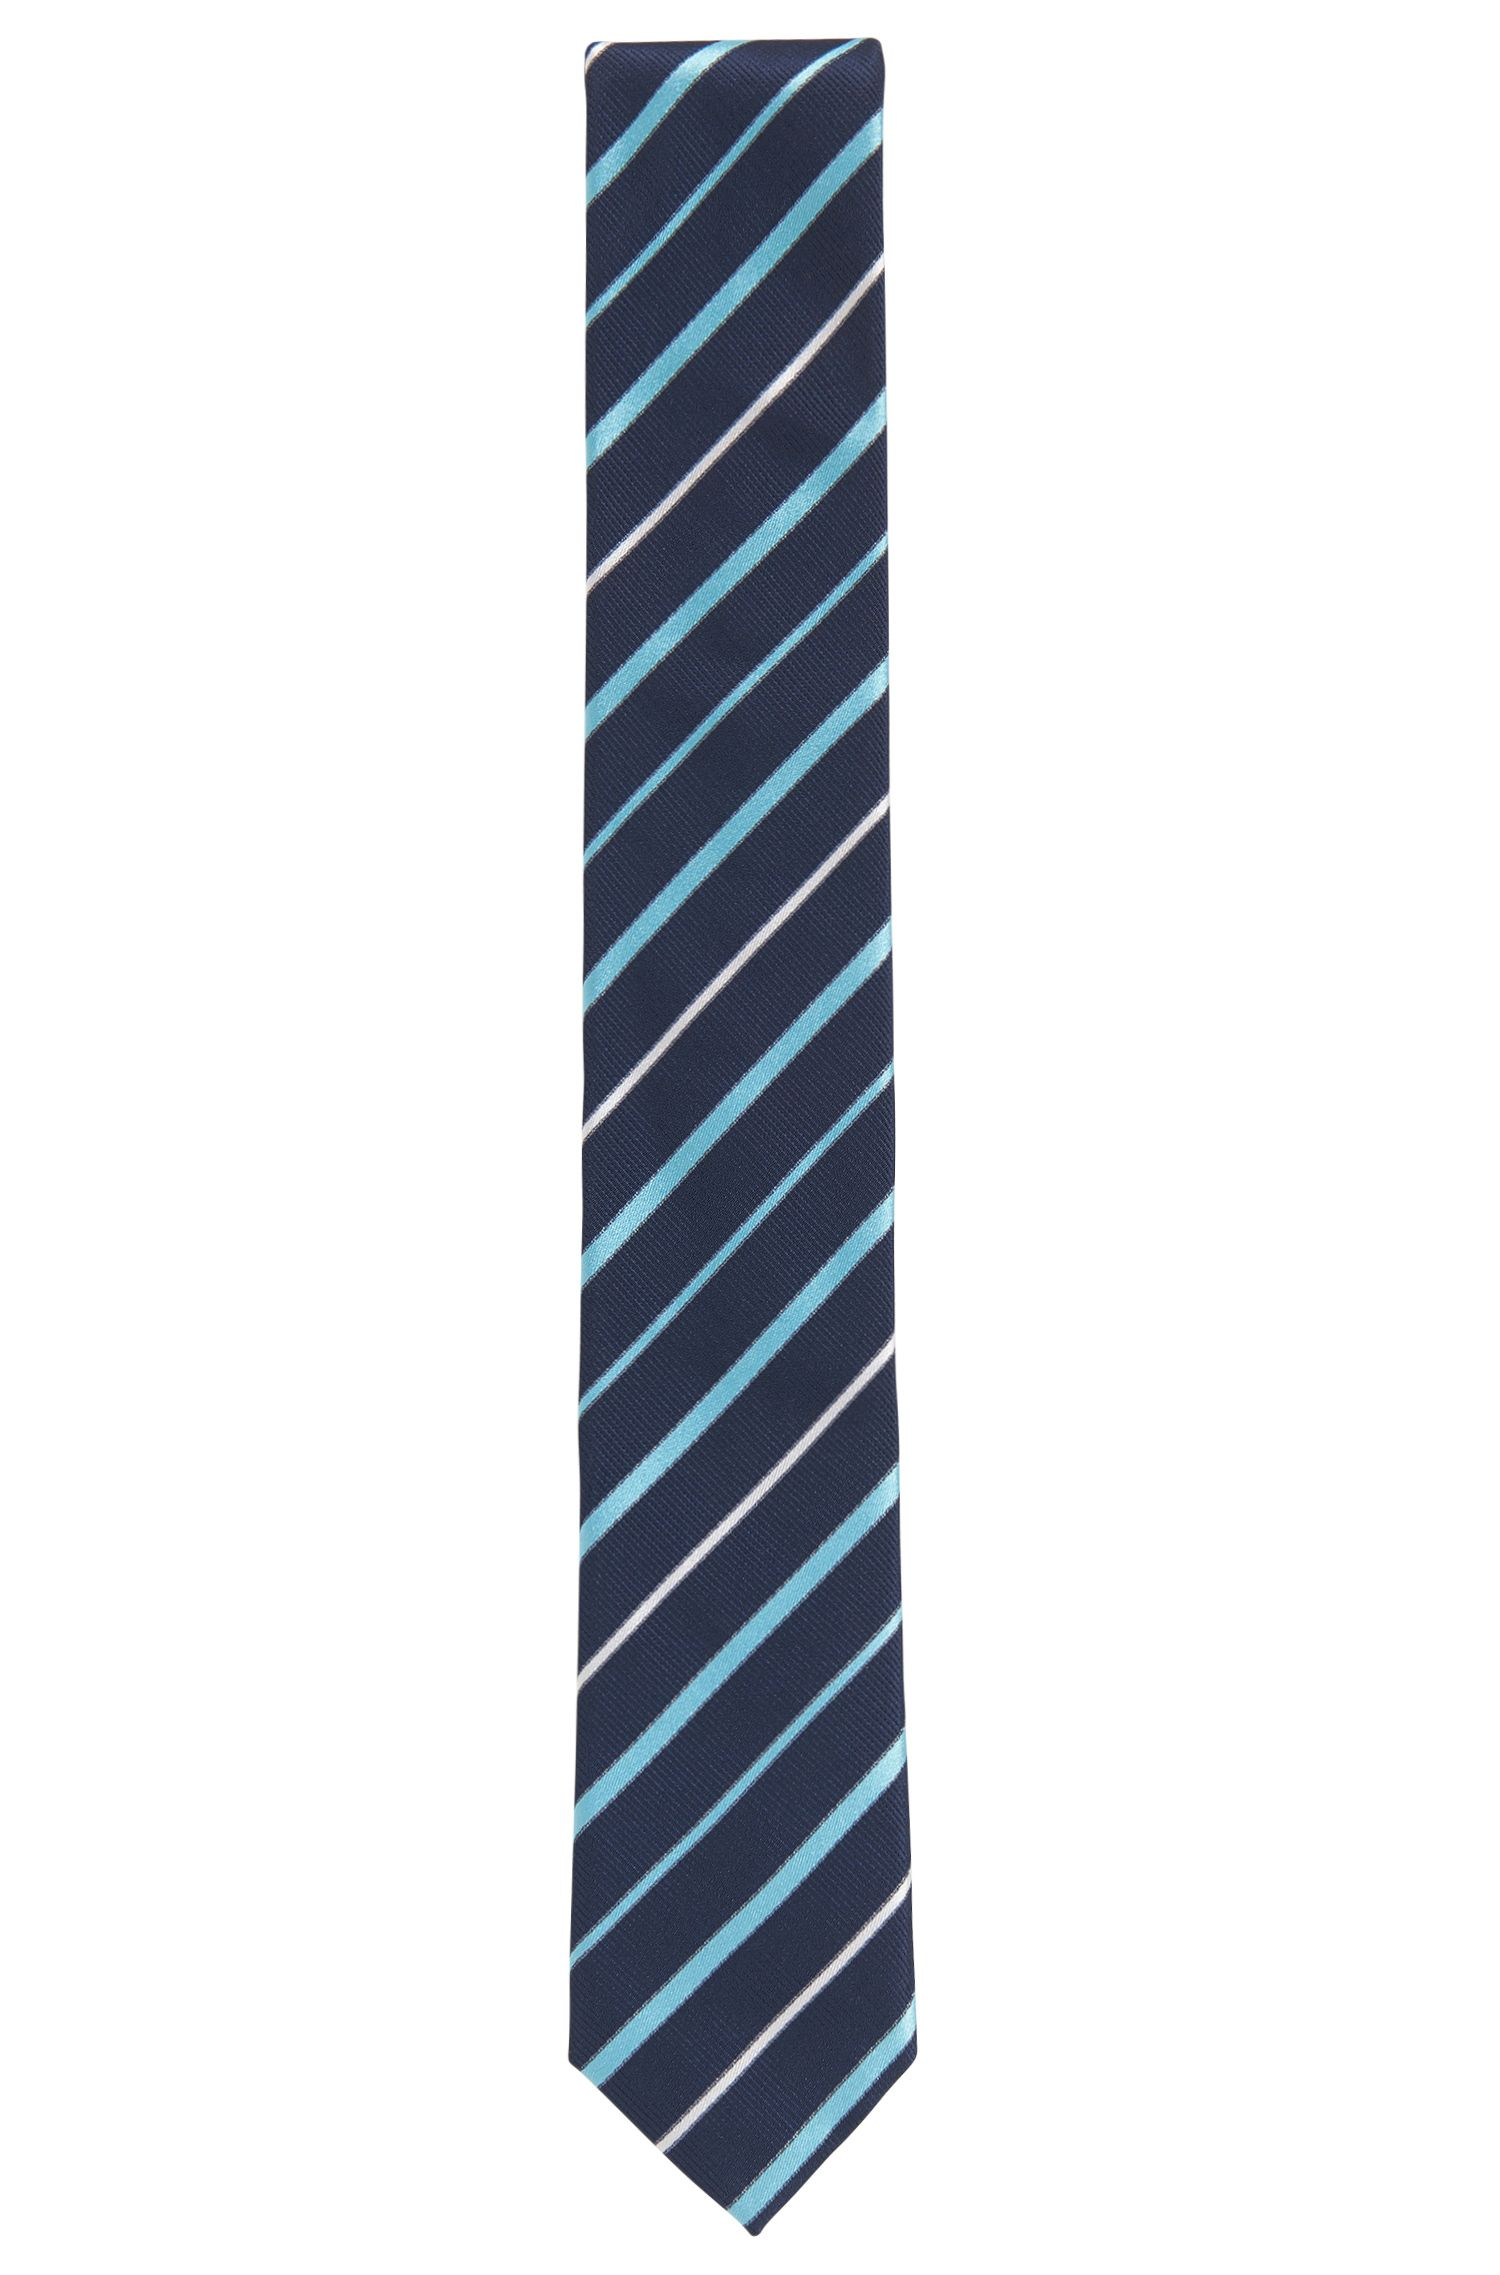 In Italië vervaardigde stropdas in een jacquard van zijde met diagonale strepen